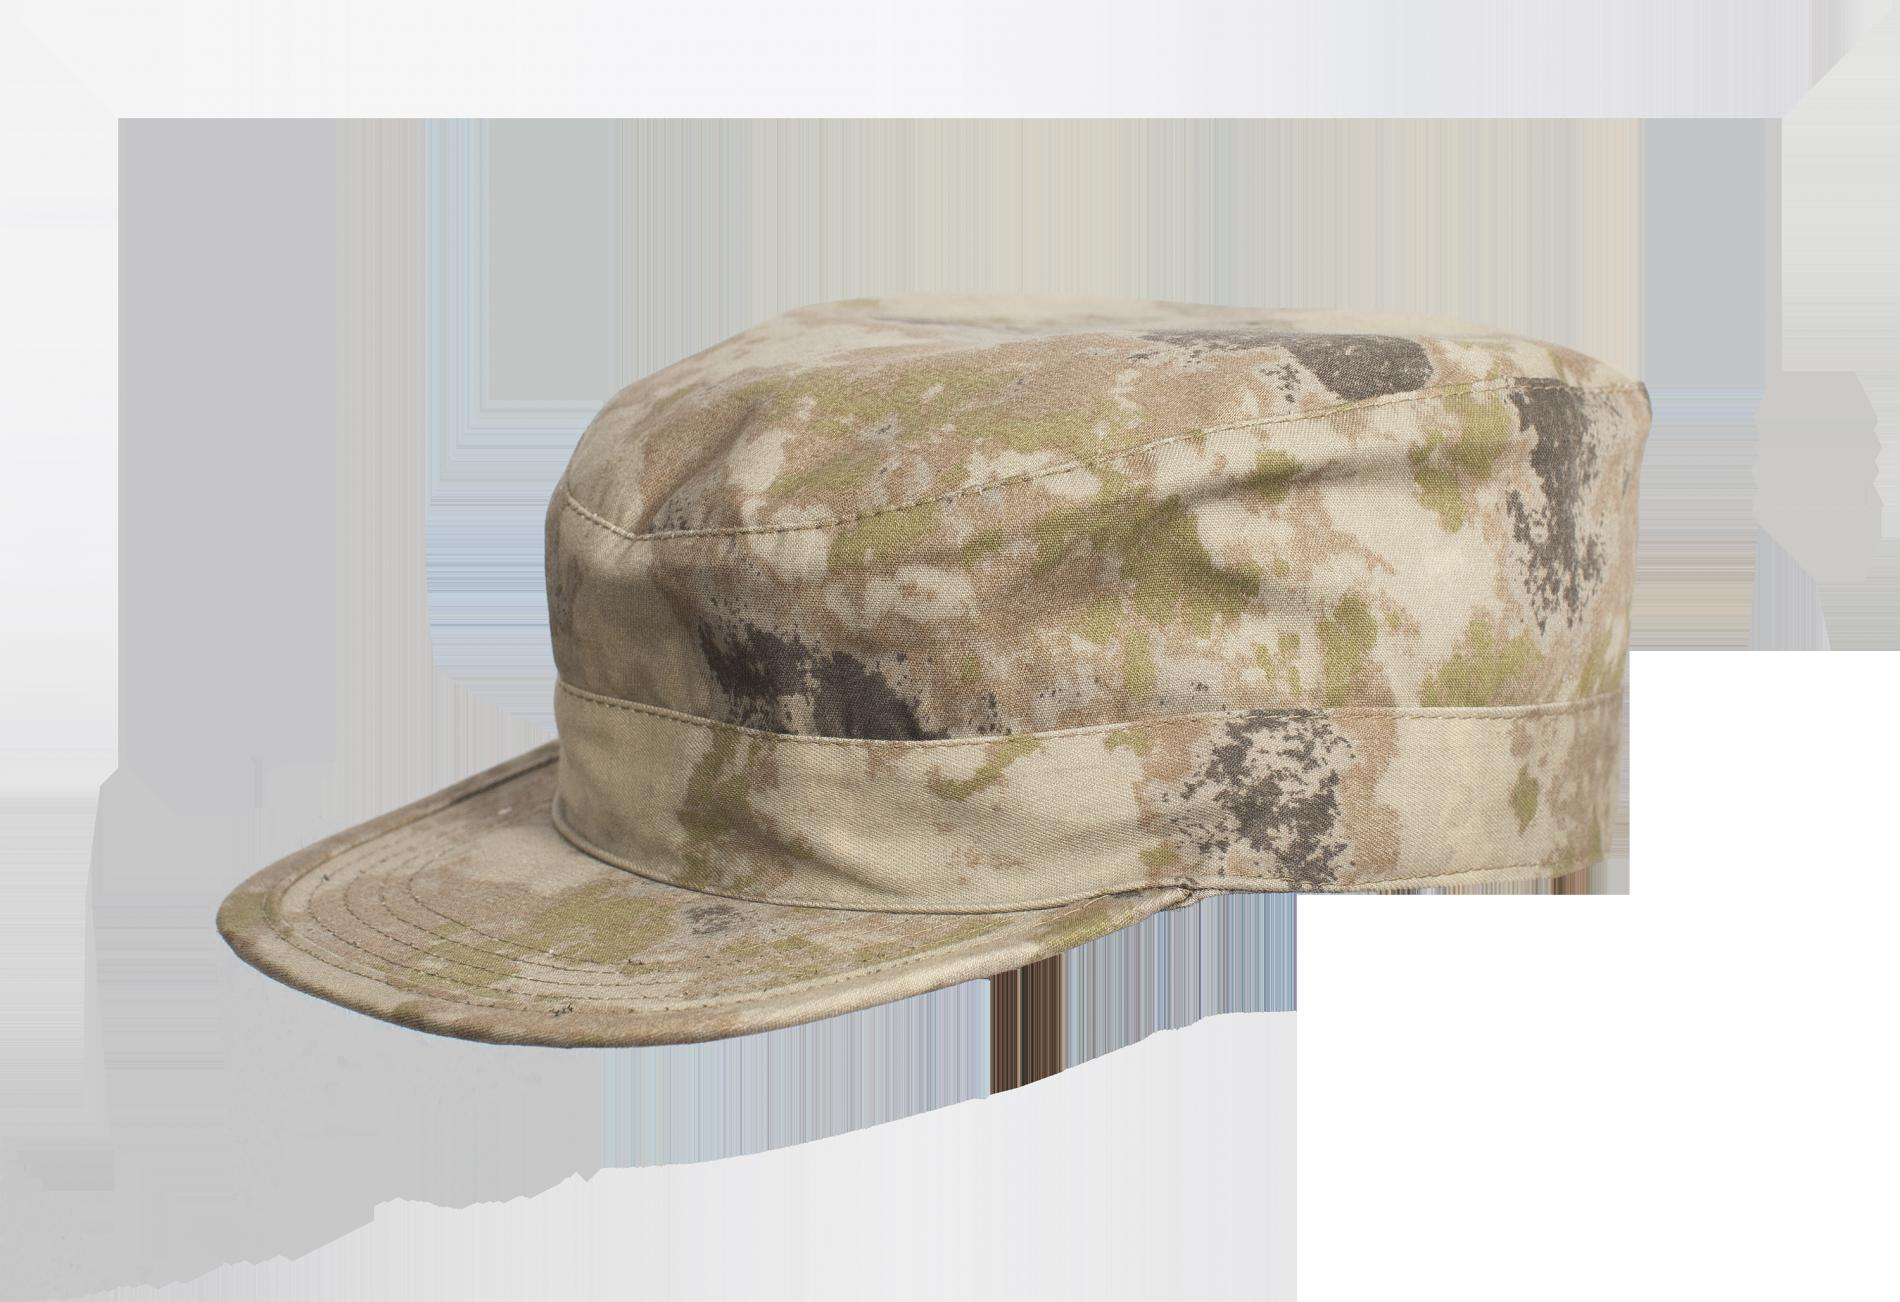 Кепи МПА-13-01 (НАТО-М) (мираж, песок), Magellan Кепки<br><br><br>Пол: унисекс<br>Сезон: лето<br>Цвет: песок (фотокамуфляж)<br>Материал: текстиль